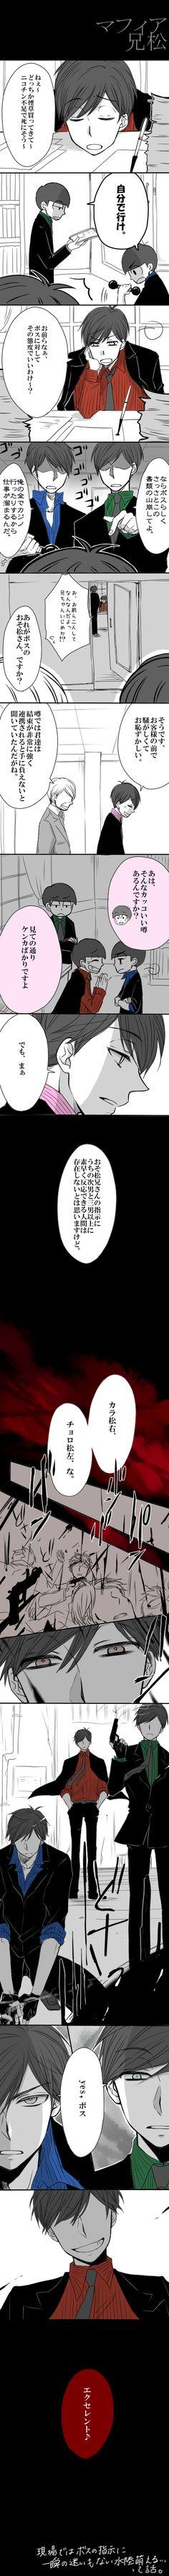 「食われるぞ、俺に。【腐】」/「水無月」の漫画 [pixiv]